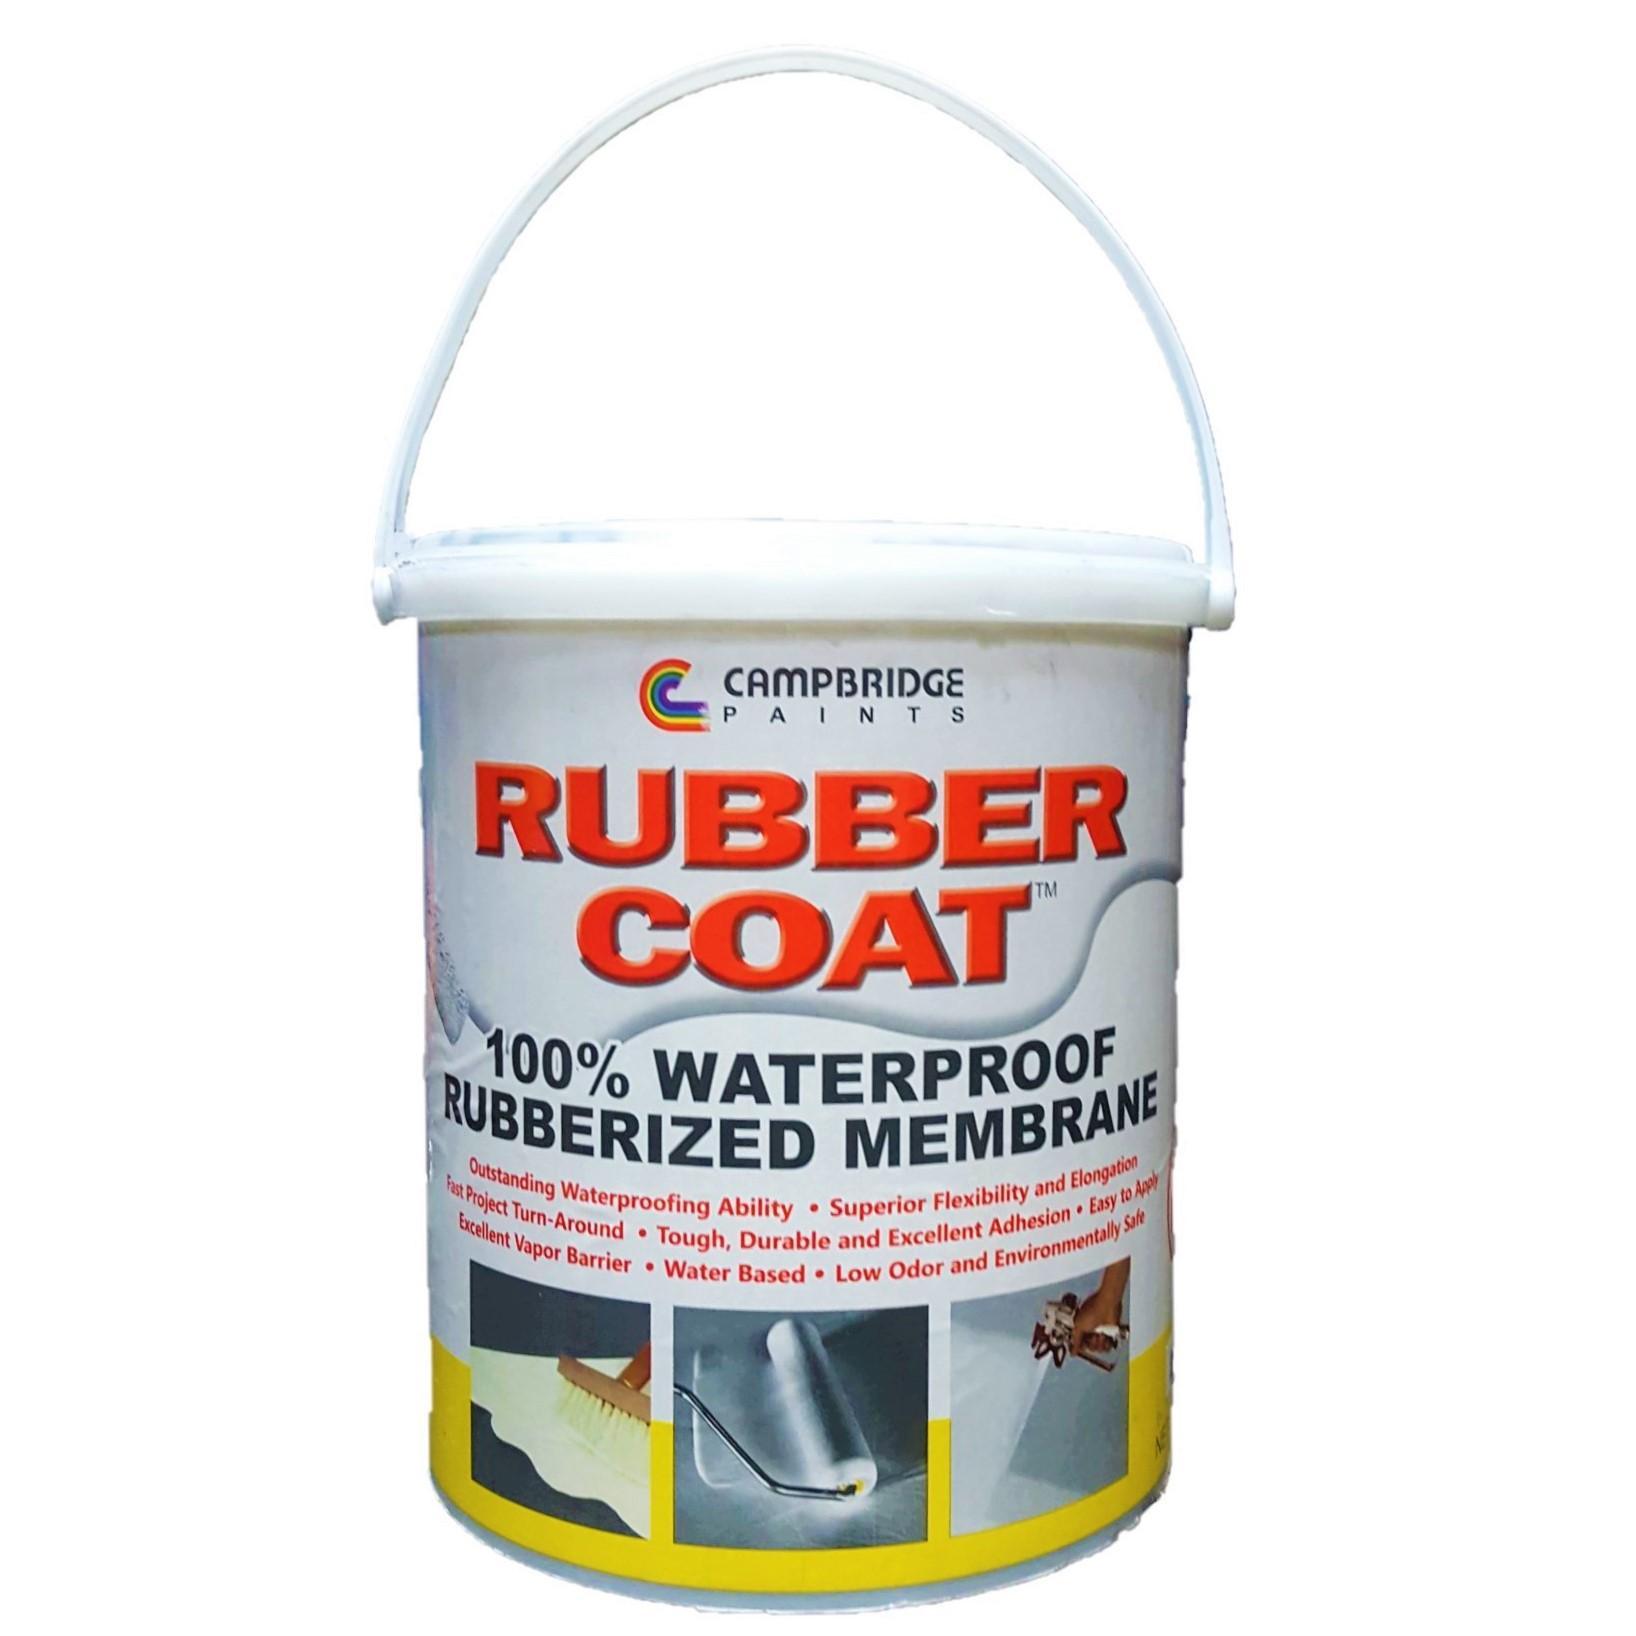 Waterproofing for sale - Waterproofing Membrane prices, brands